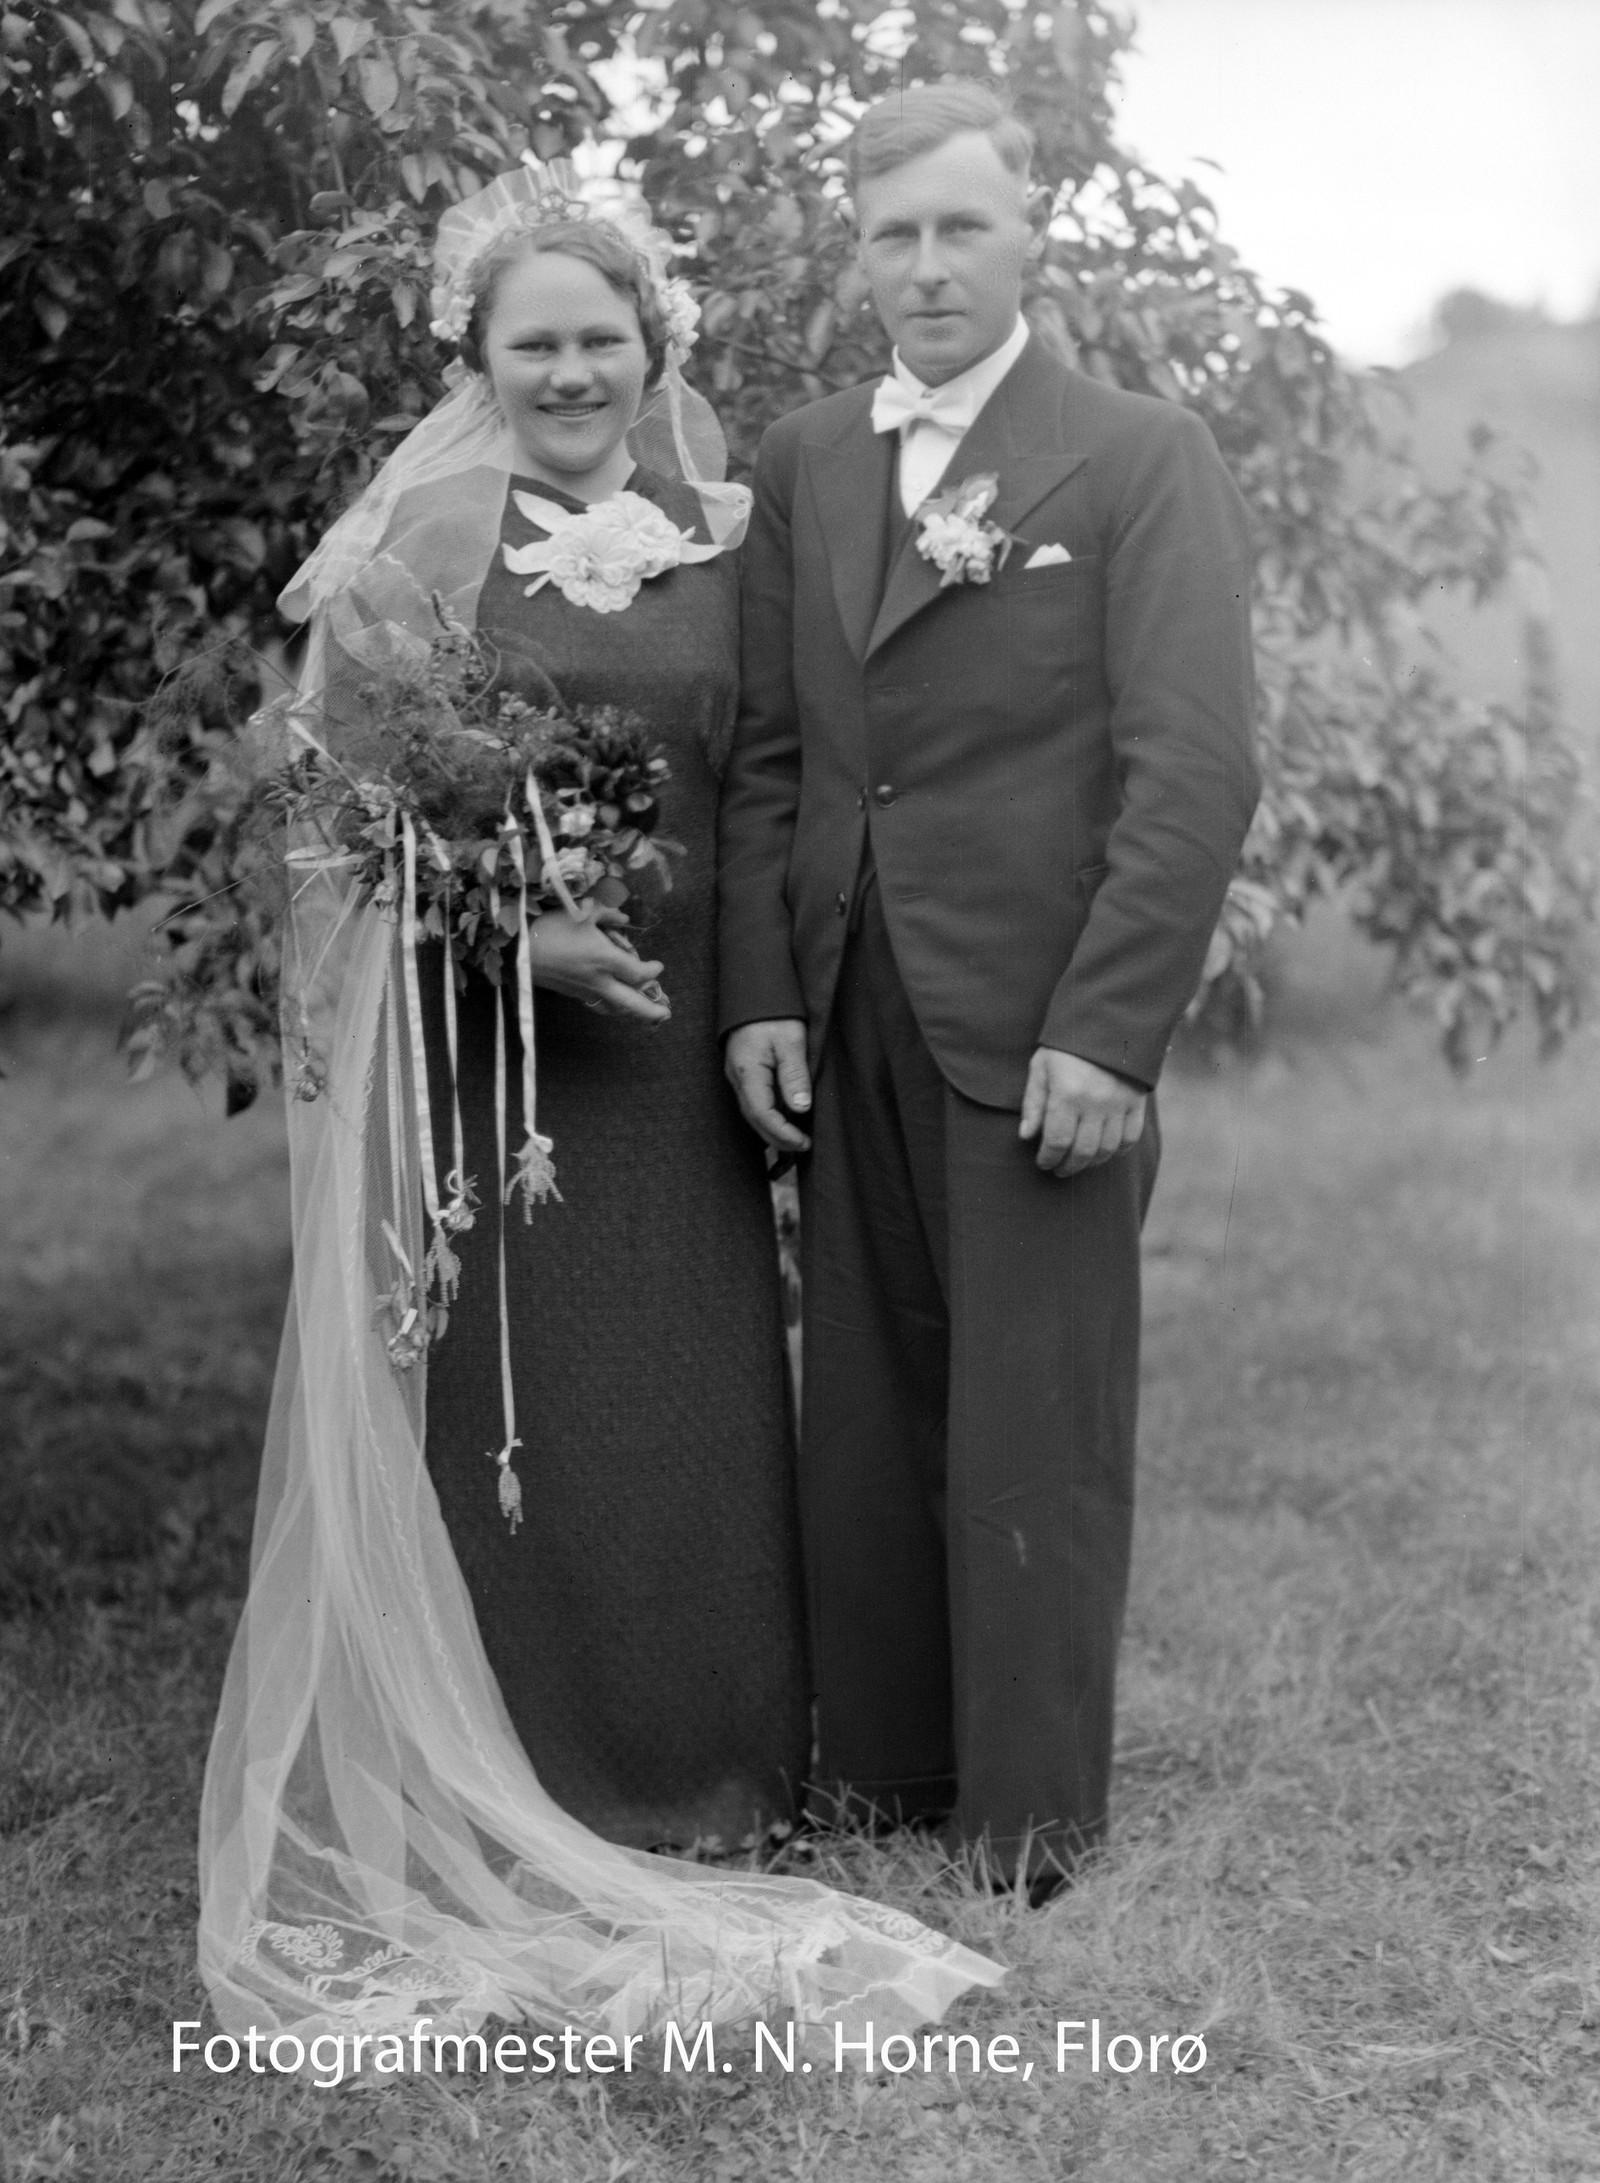 SVART BRUDEKJOLE: – Før pleie ein å ha svarte brudekjoler. Ein kan lære masse om eldre tradisjonar ved å sjå på dei gamle bilete, seier Horne. Dette bilete er av brudeparet Berta og Henrik Eikefjord som gifta seg i Eikefjord Kyrkje i 1938.